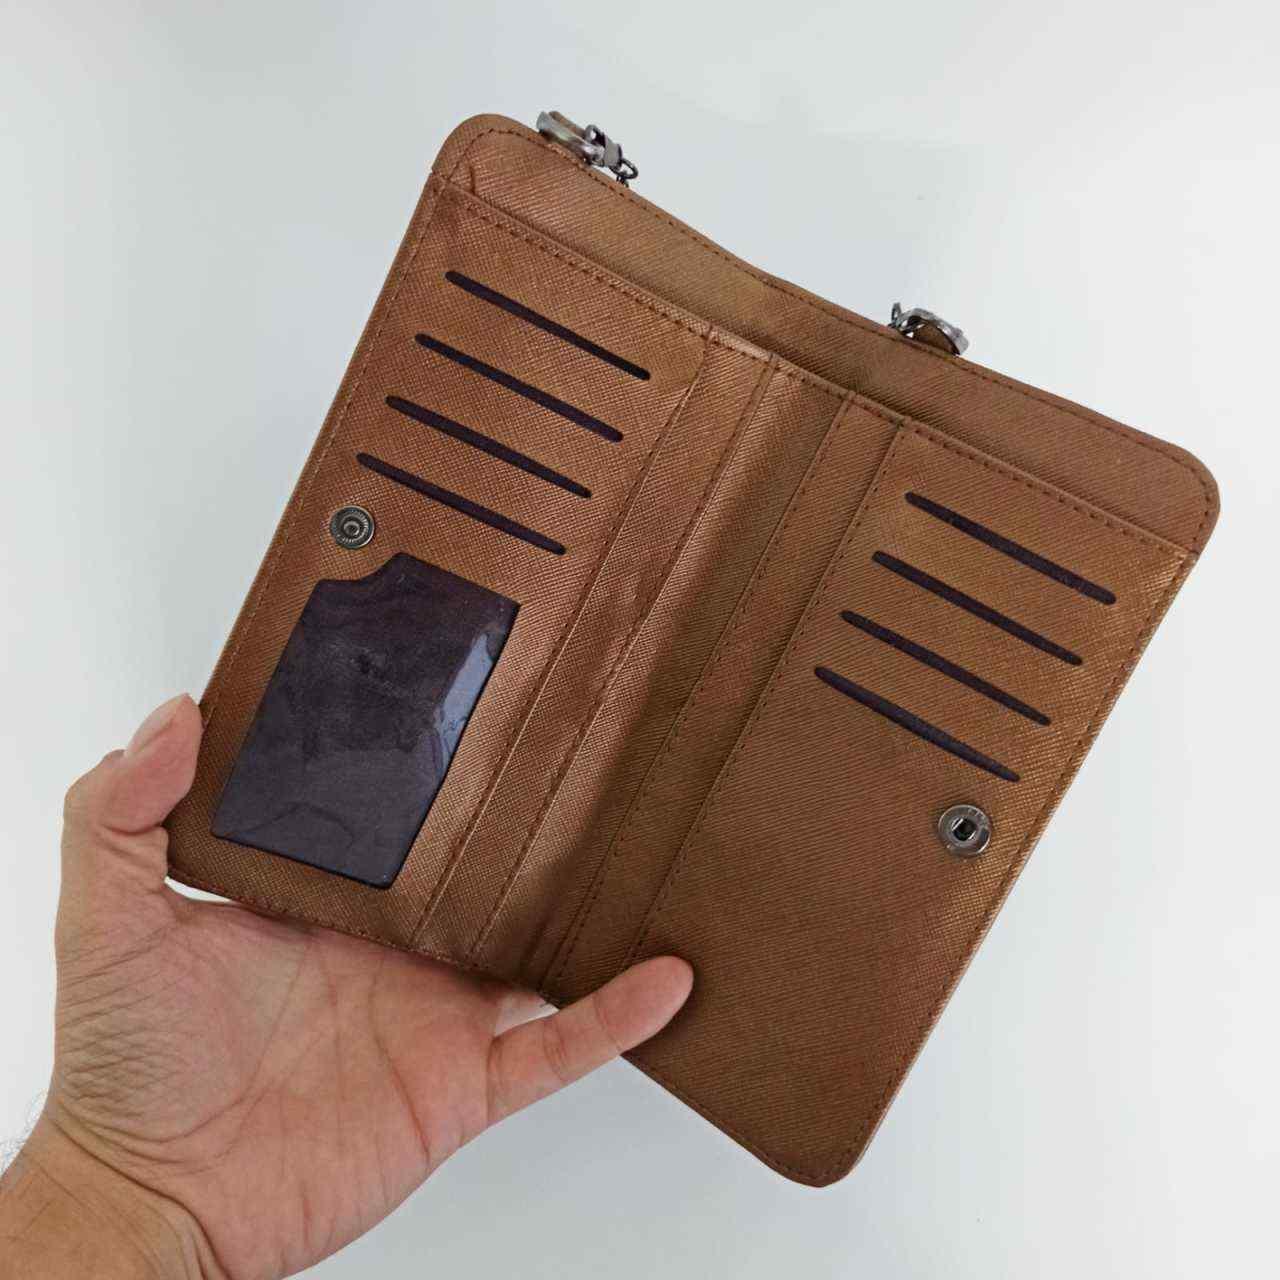 Vizon Kapaklı Telefon Bölmeli Polo Kadın Cüzdanı